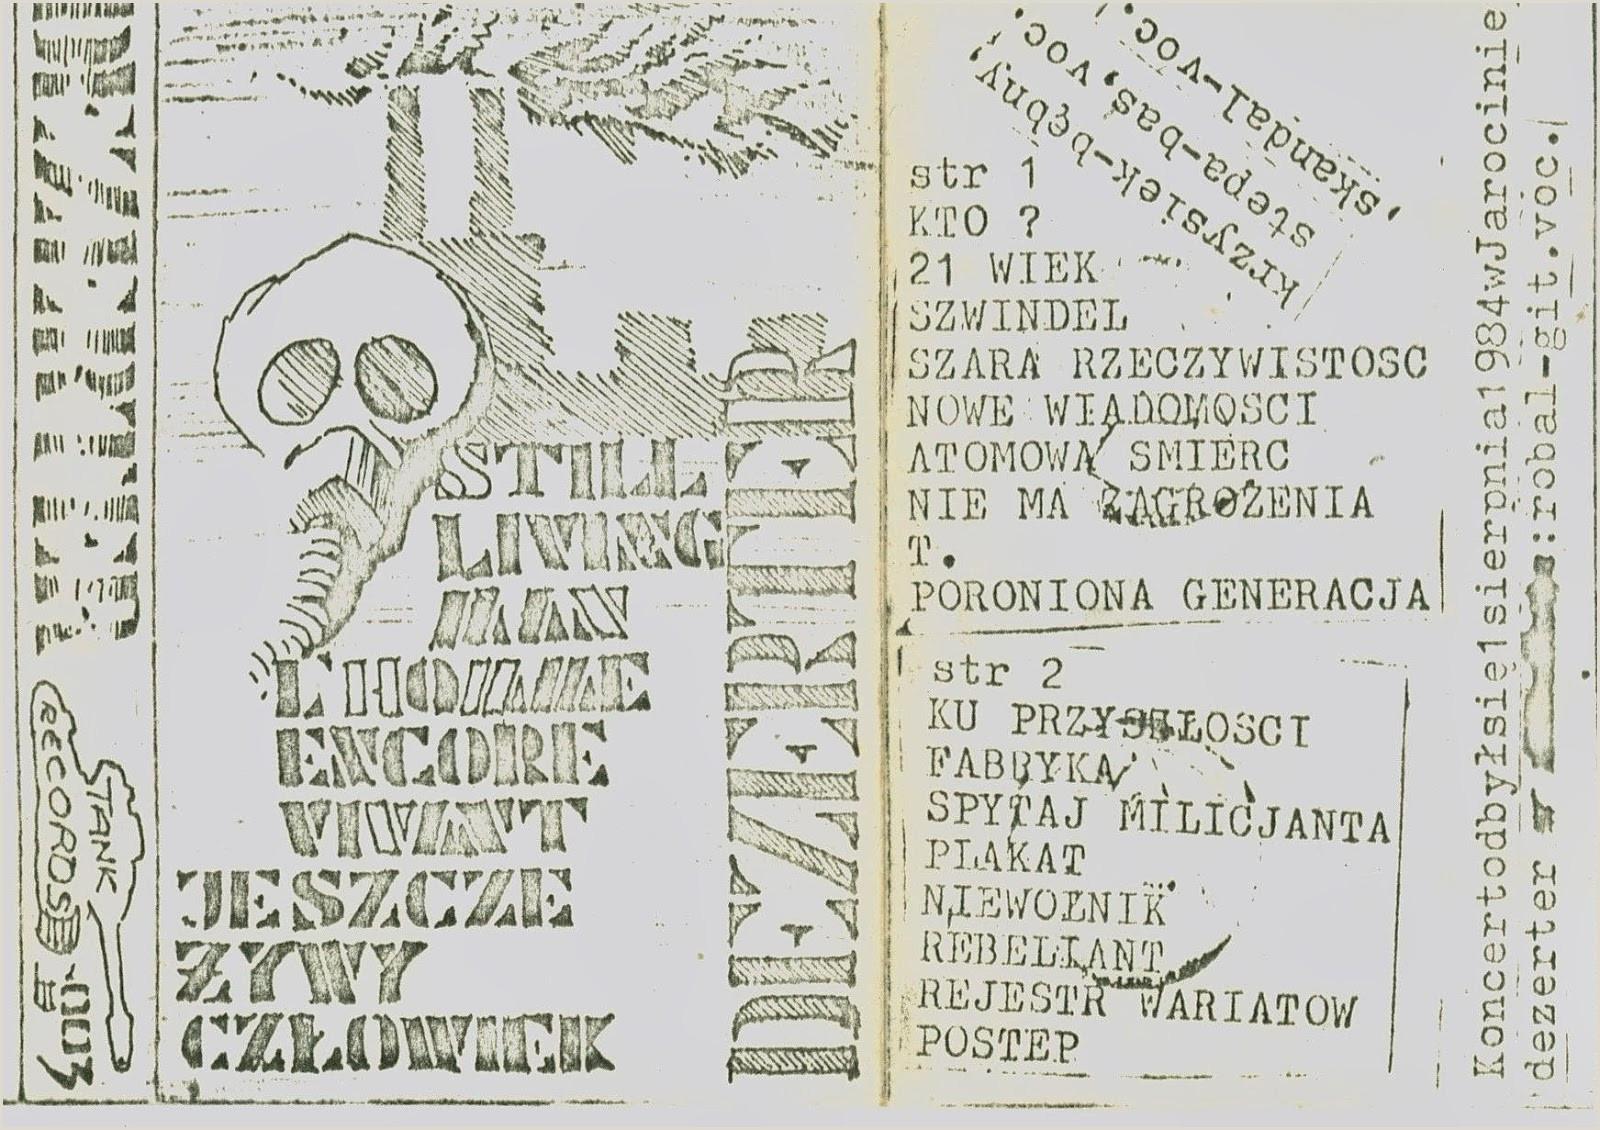 Caspers Company Pay Stub Dezerter – Jeszcze Å Ywy Człowiek [live Tank Records 1984